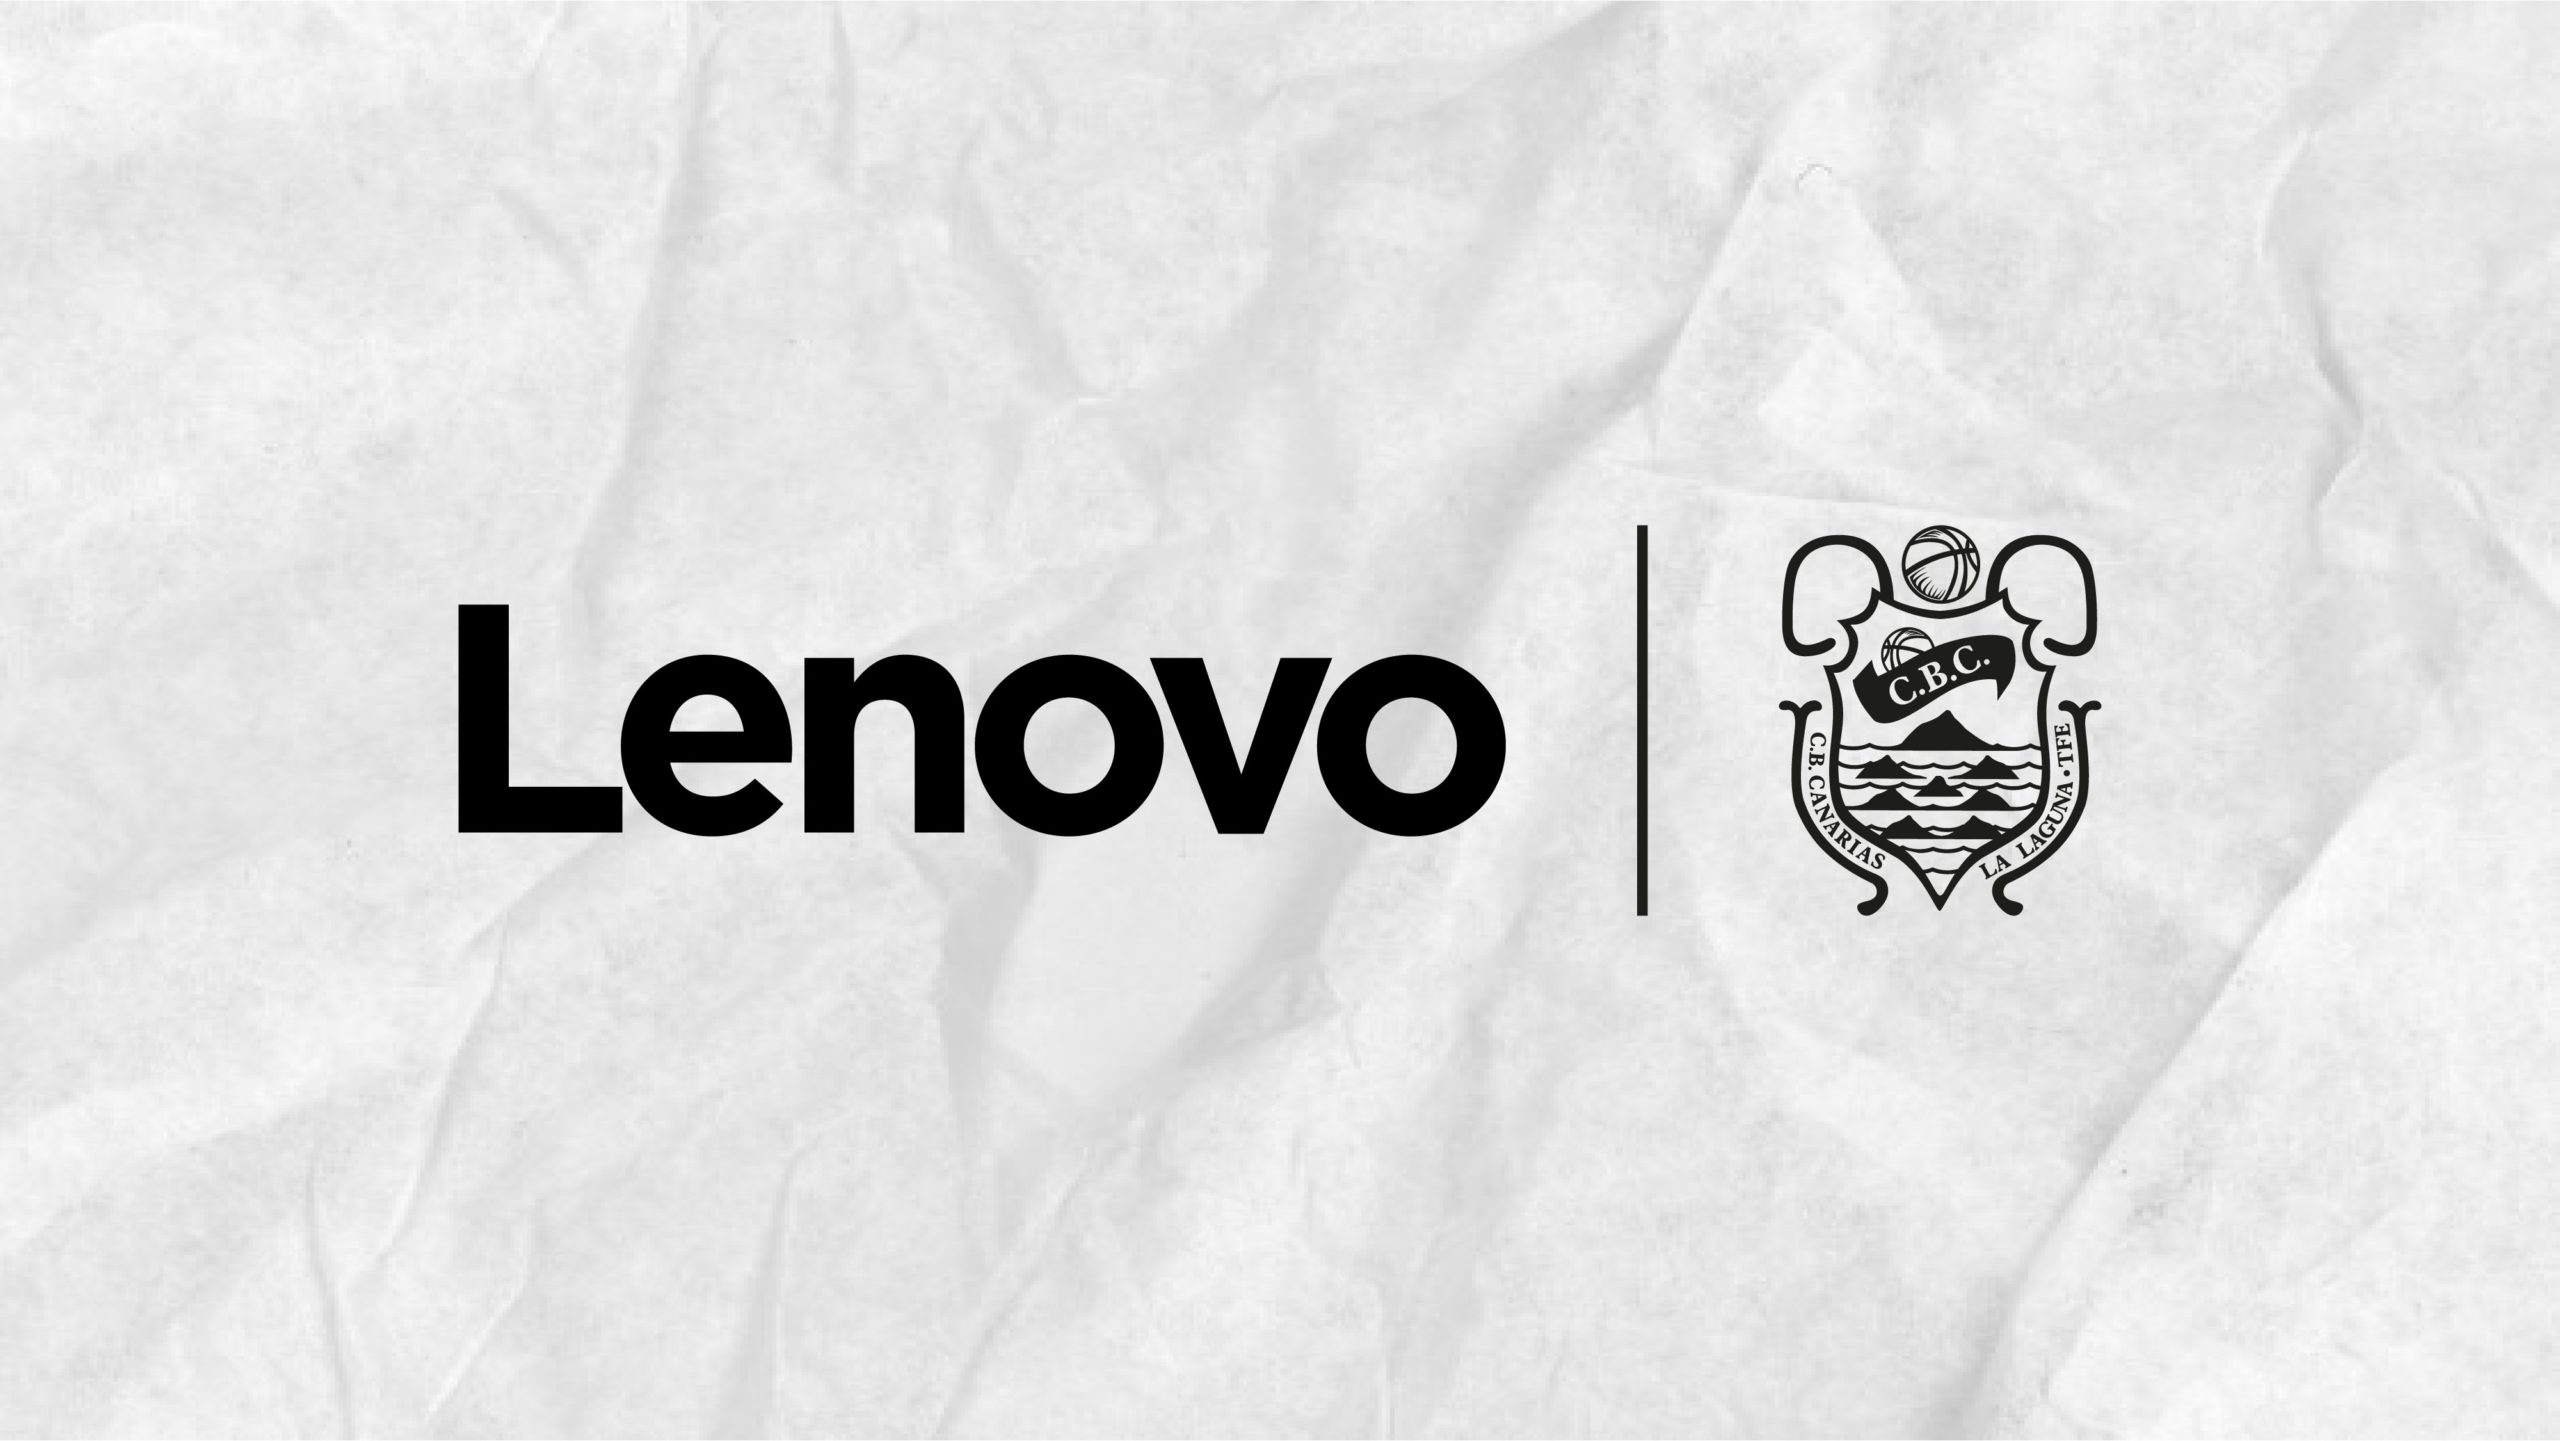 El CB Canarias pasa a llamarse Lenovo Tenerife